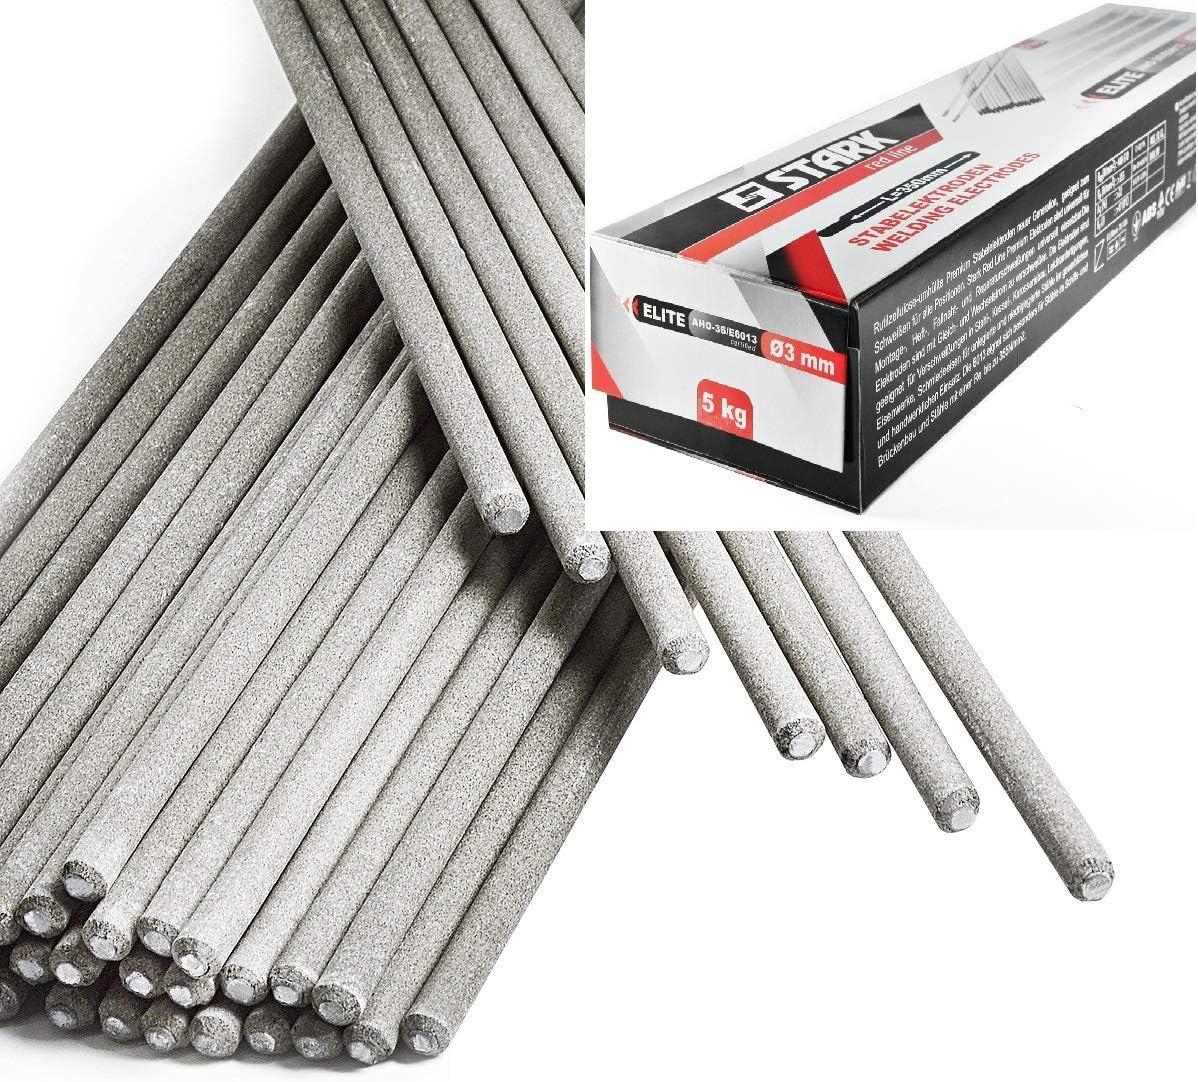 STARK Electrodos Rutilo para Soldadura 5 kg - 185 piezas